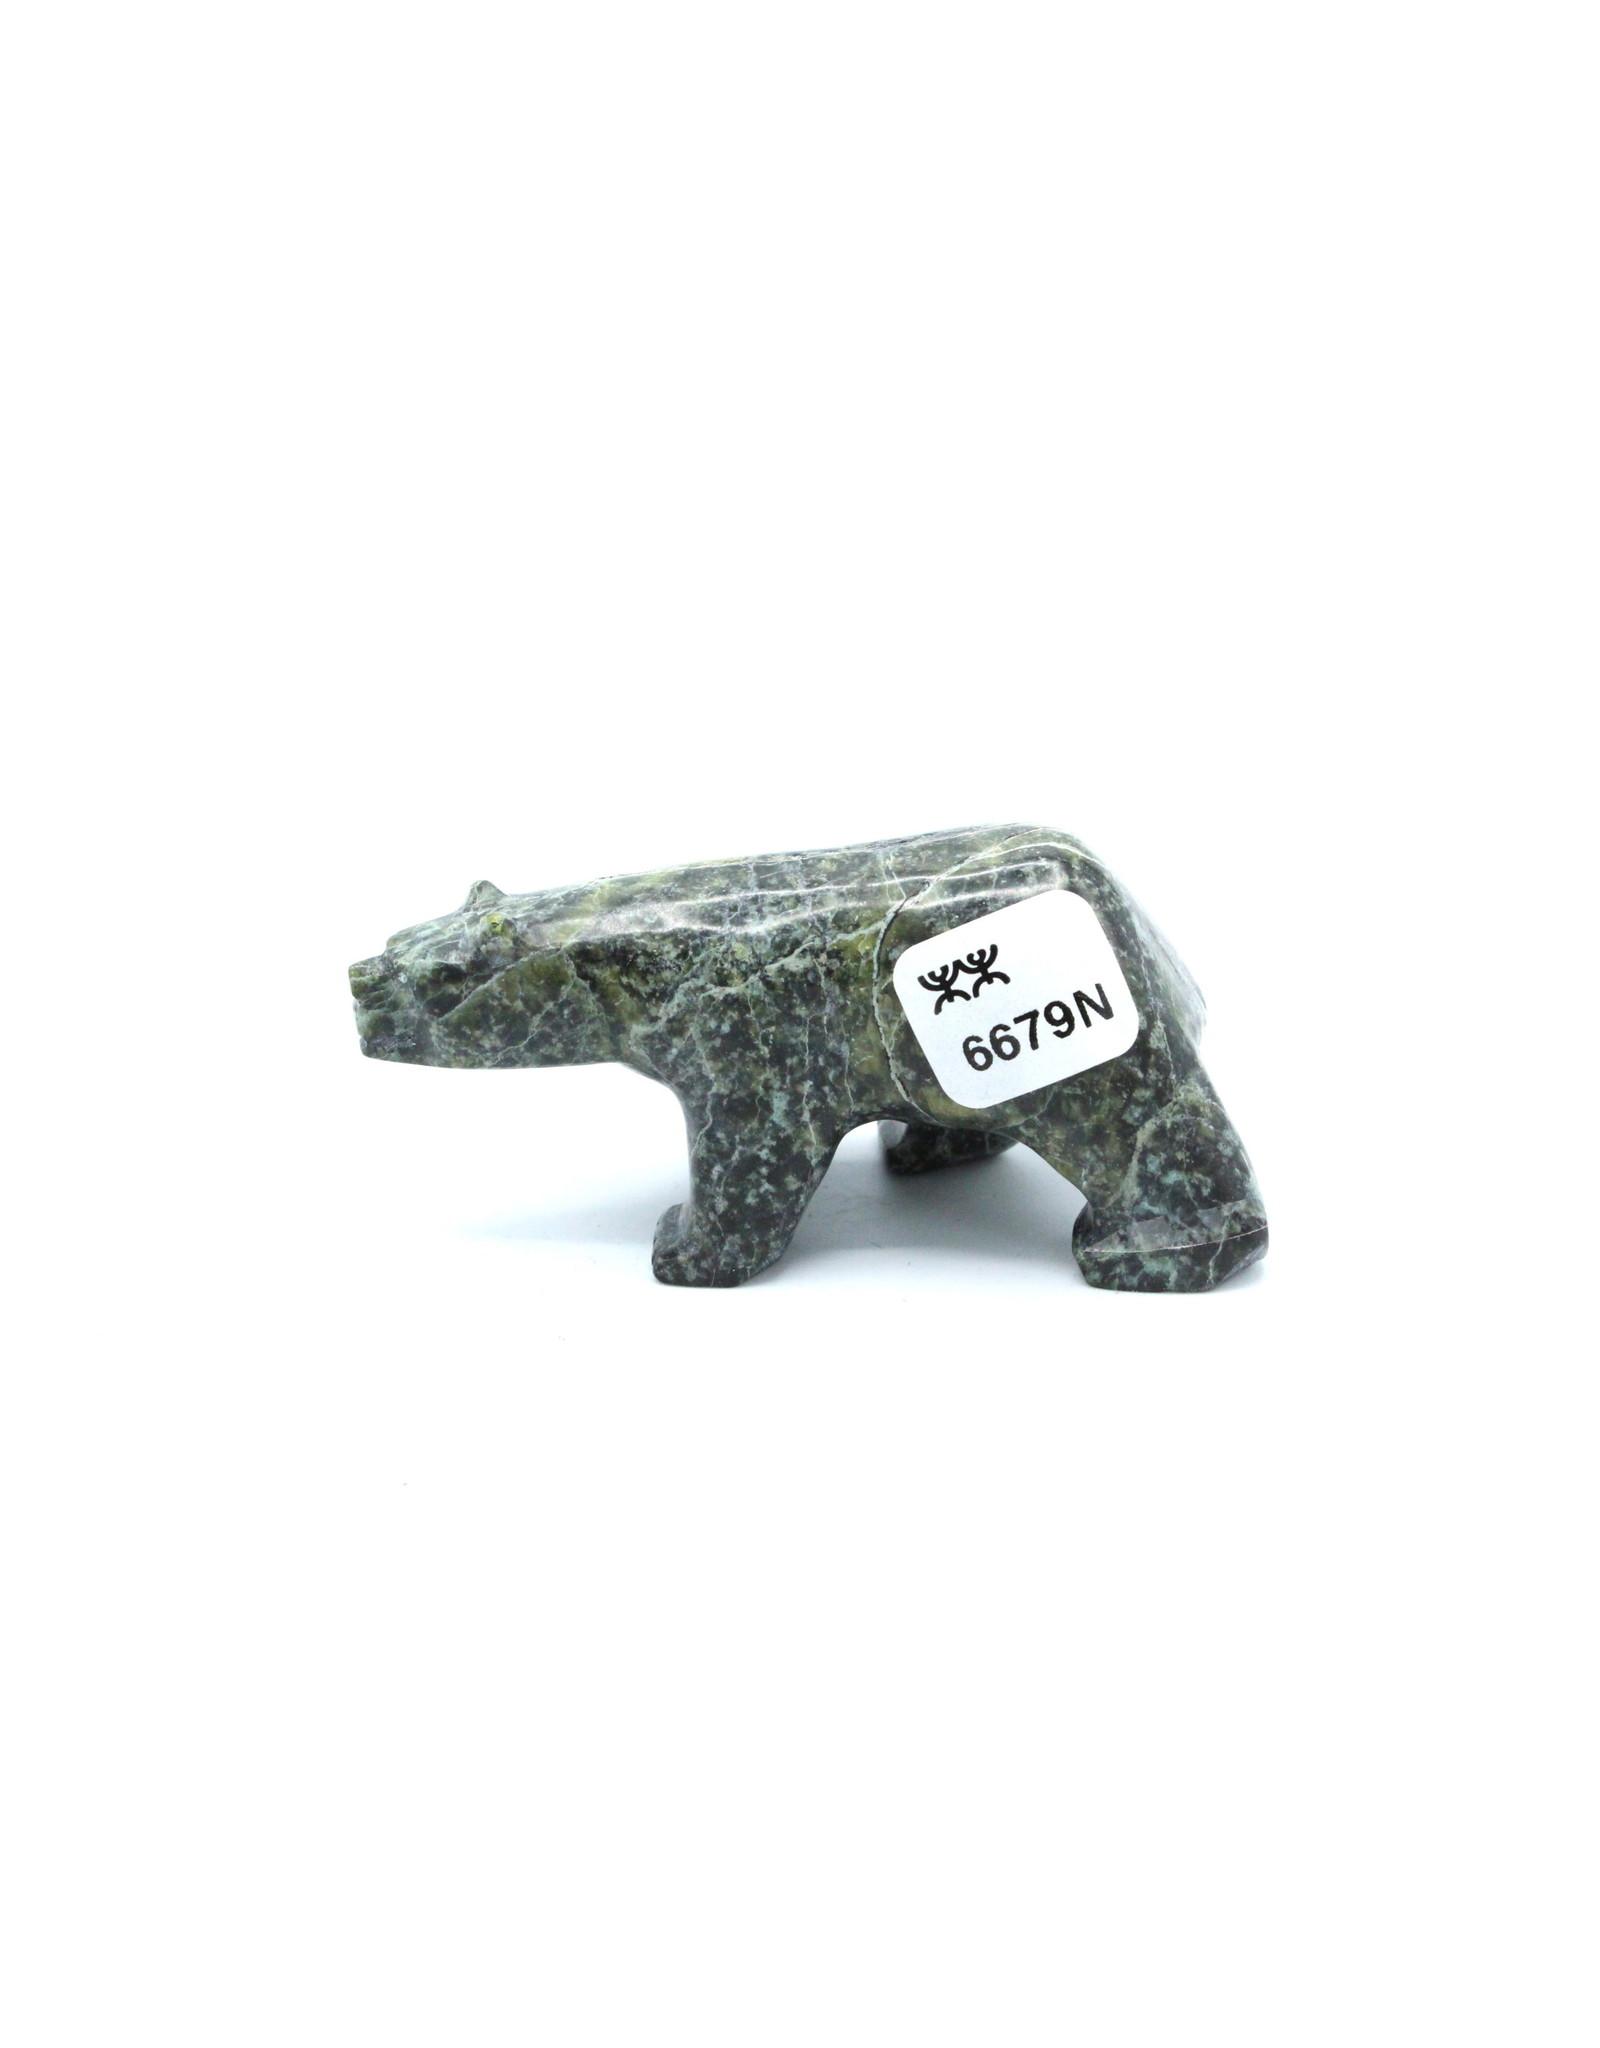 6679N Bear by Tommy Ezekiel